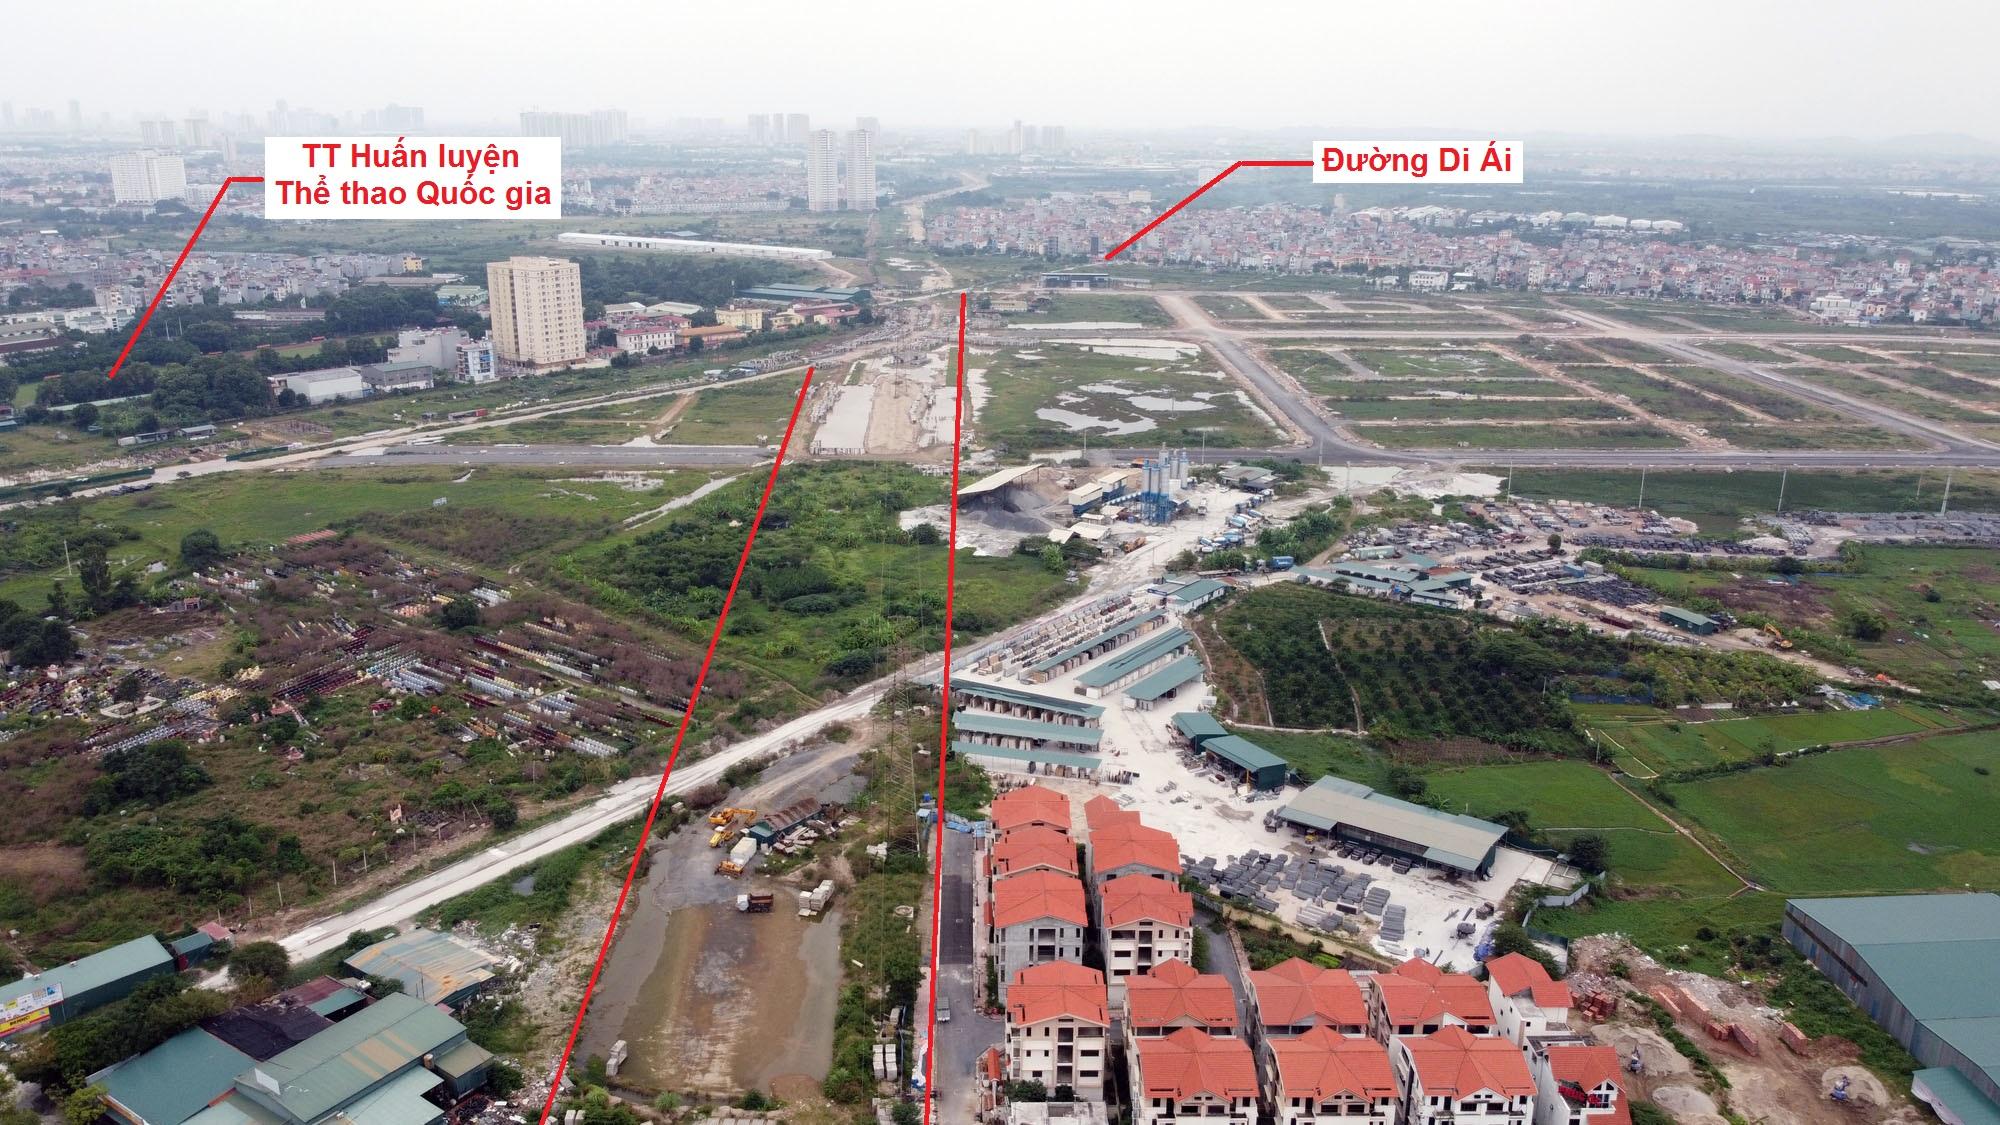 Ba đường sẽ mở theo qui hoạch ở xã Kim Chung, Hoài Đức, Hà Nội - Ảnh 3.